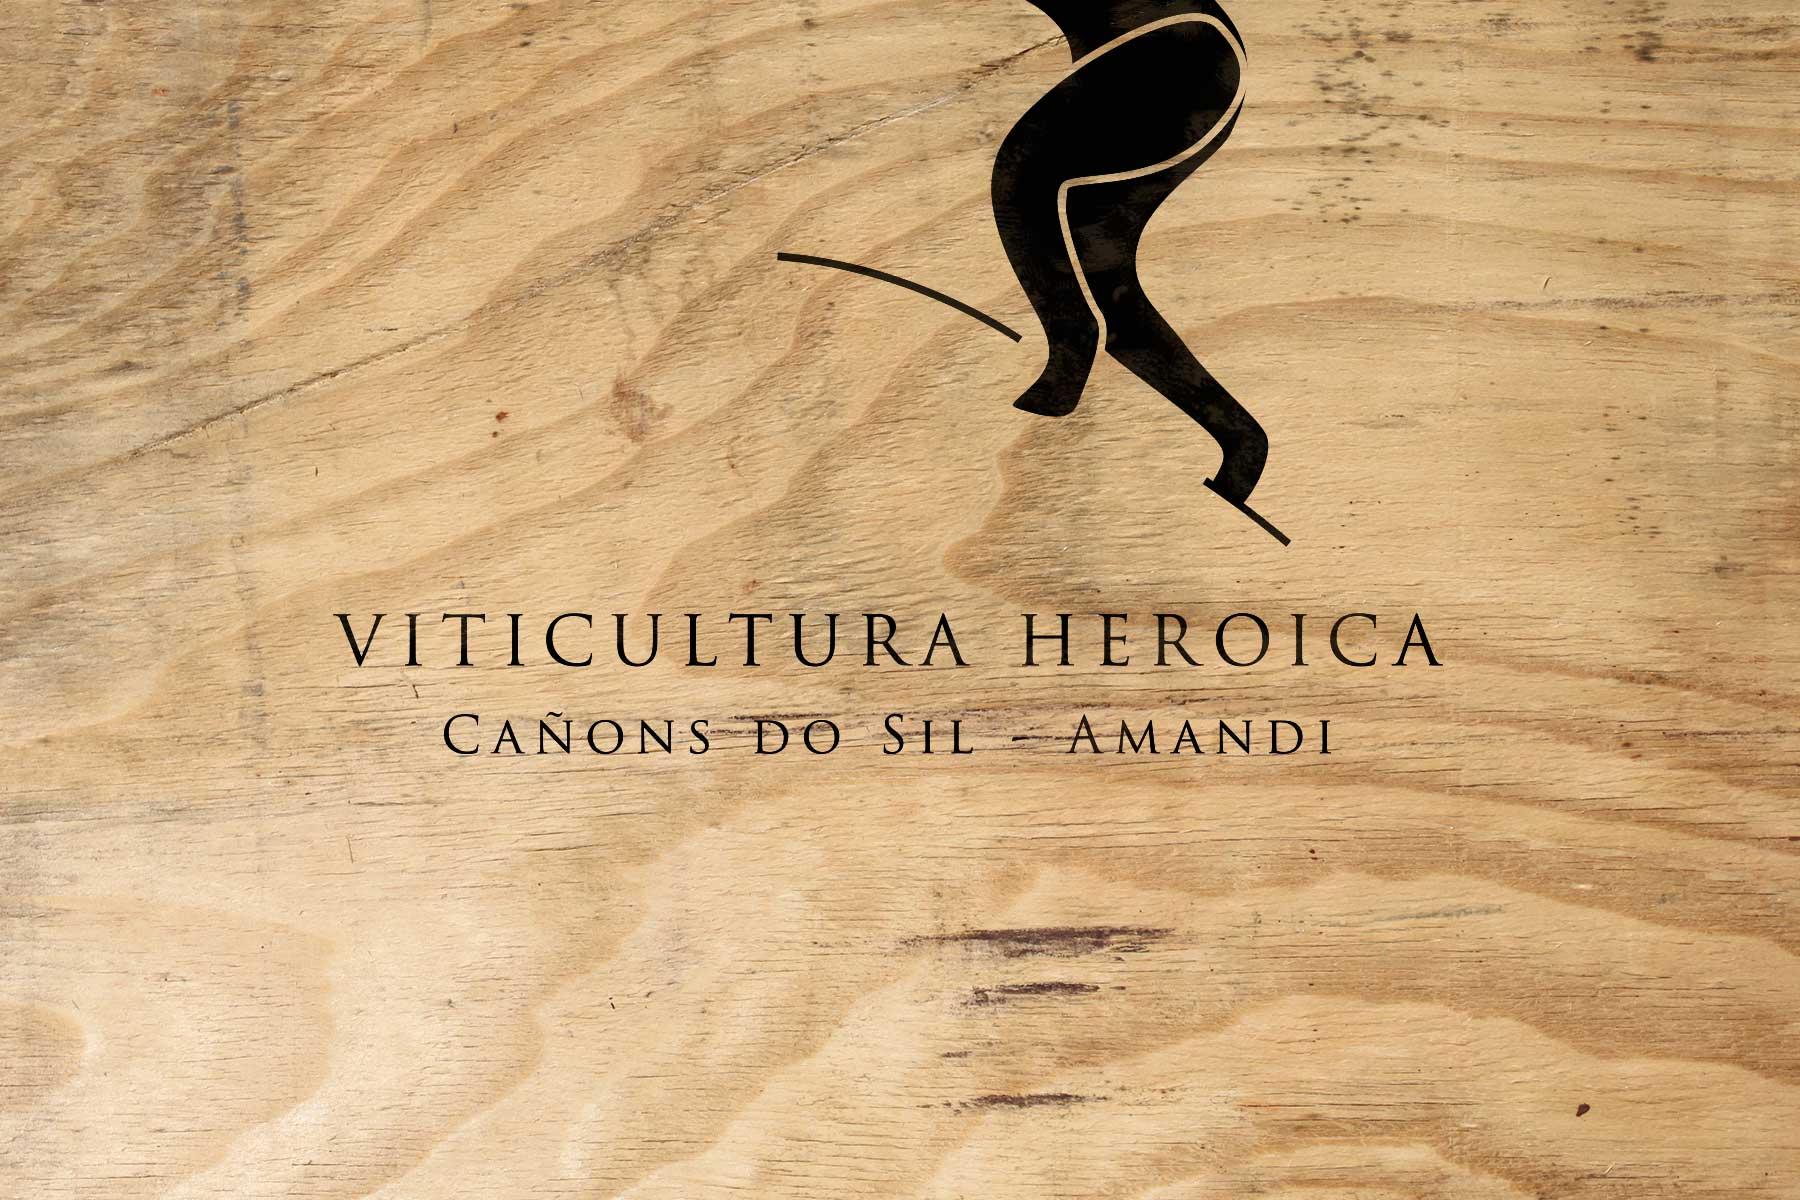 Presentación del logotipo serigrafiado sobre madera